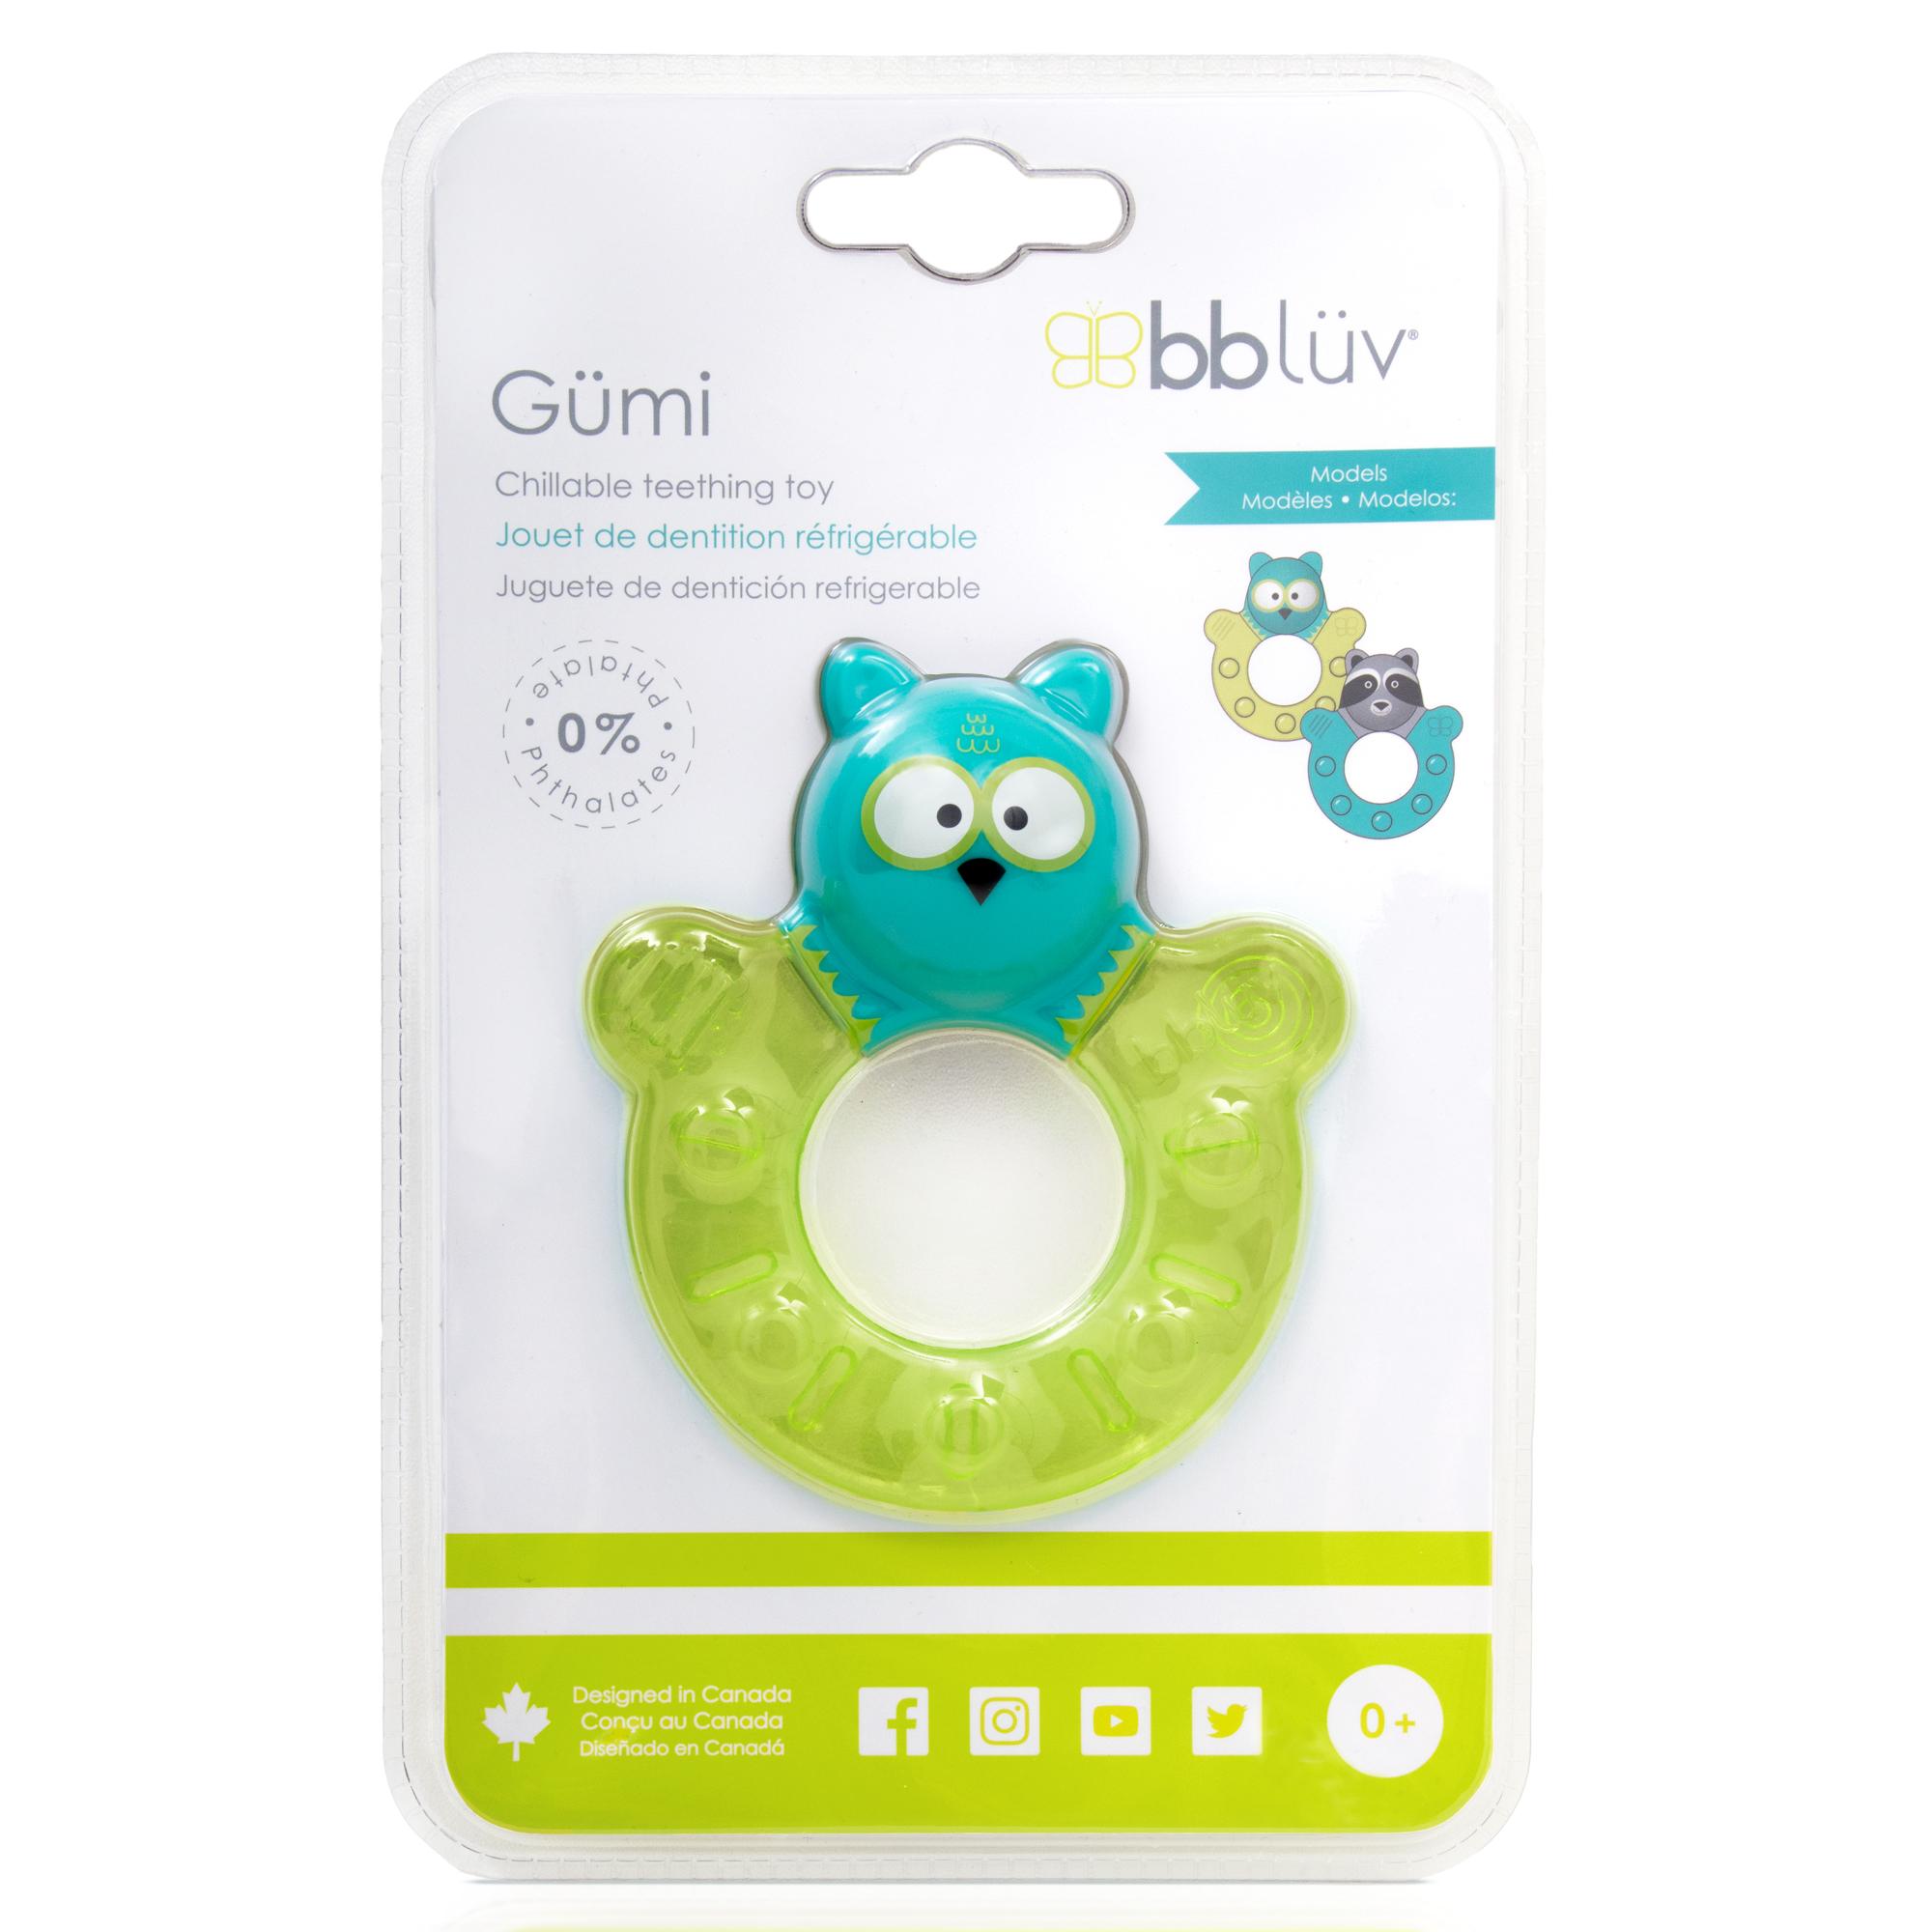 Gümi - Jouet de dentition réfrigérable